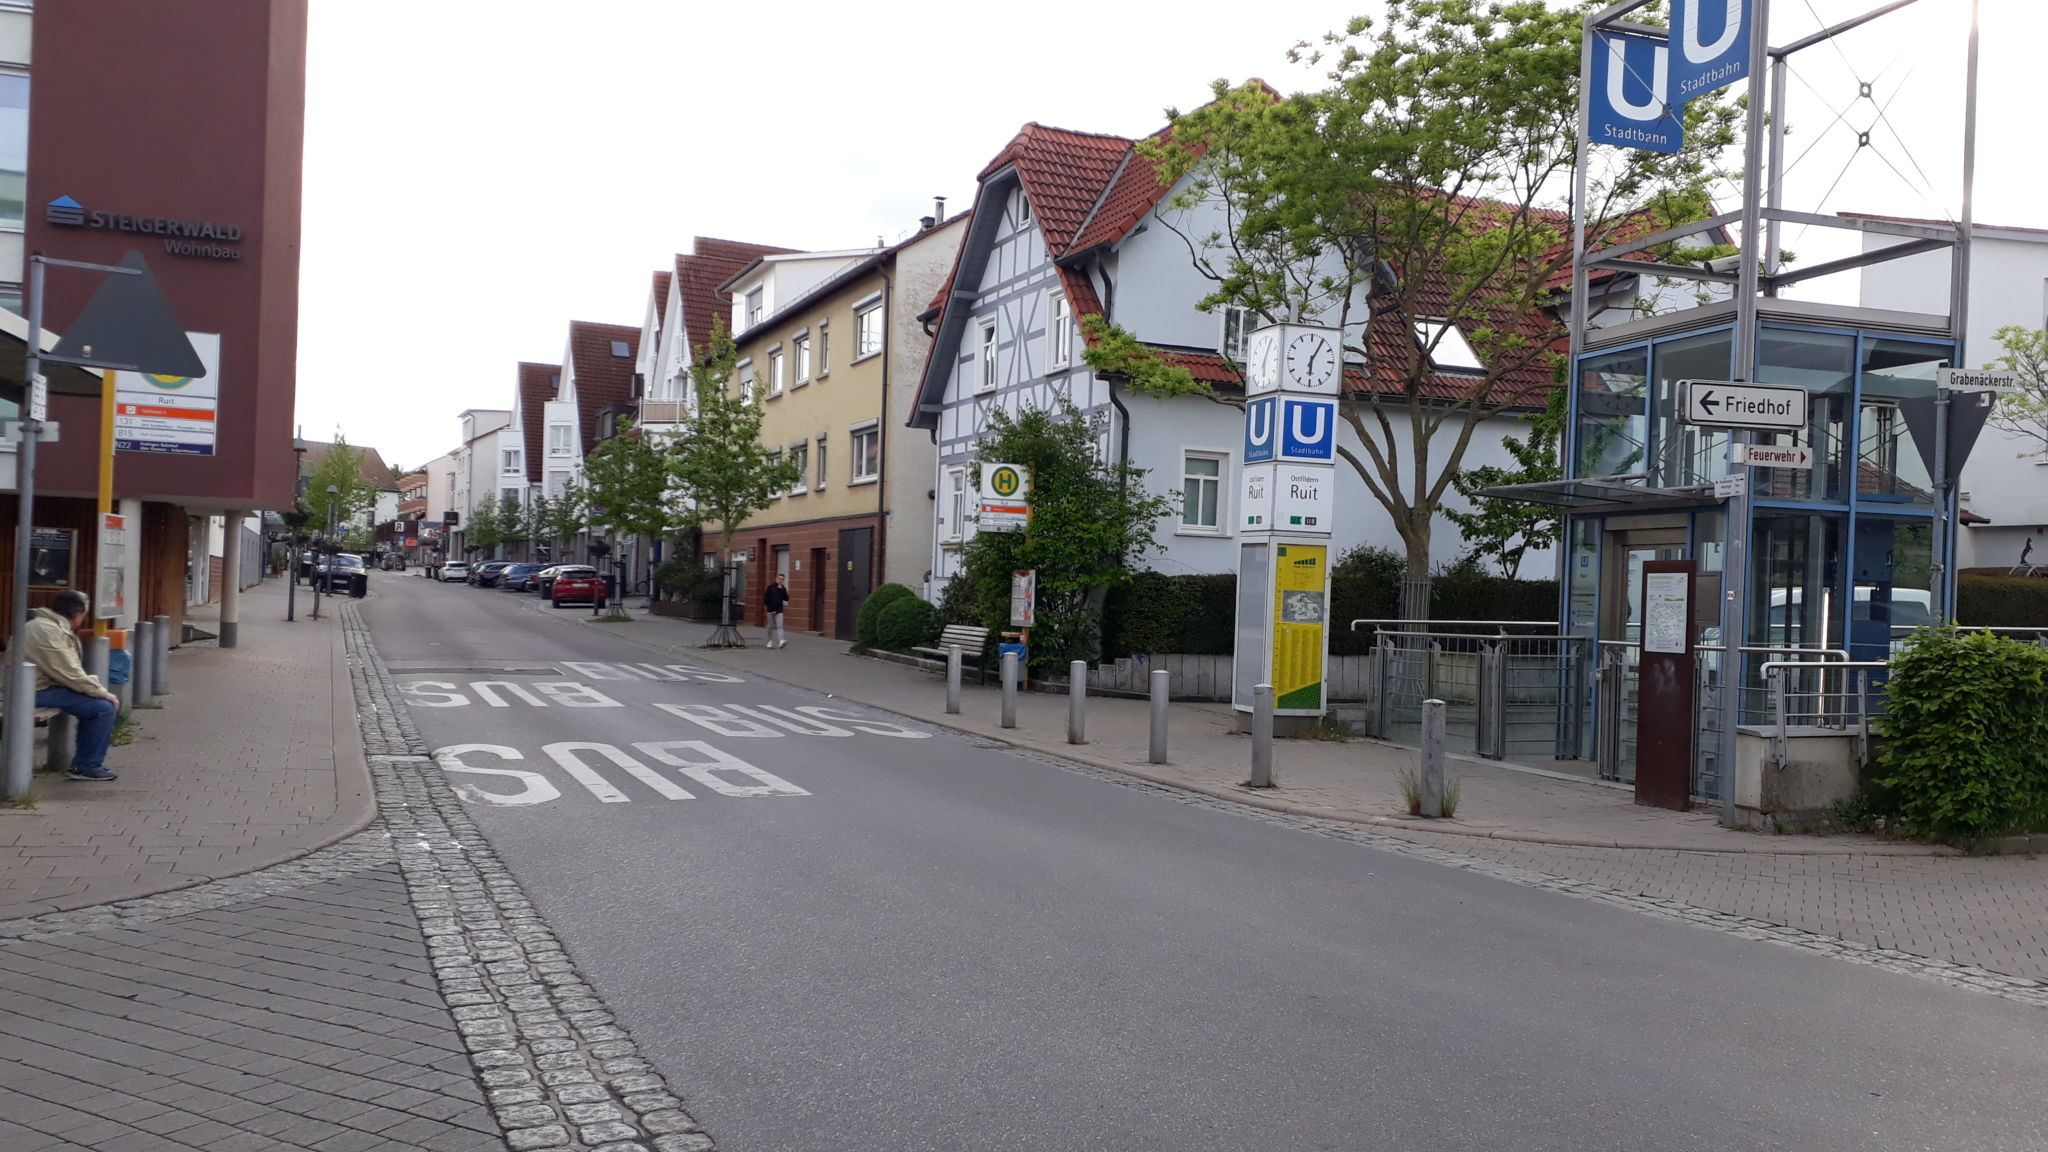 Stadtbahnhaltestelle Ruit U7 / U8, Ruit